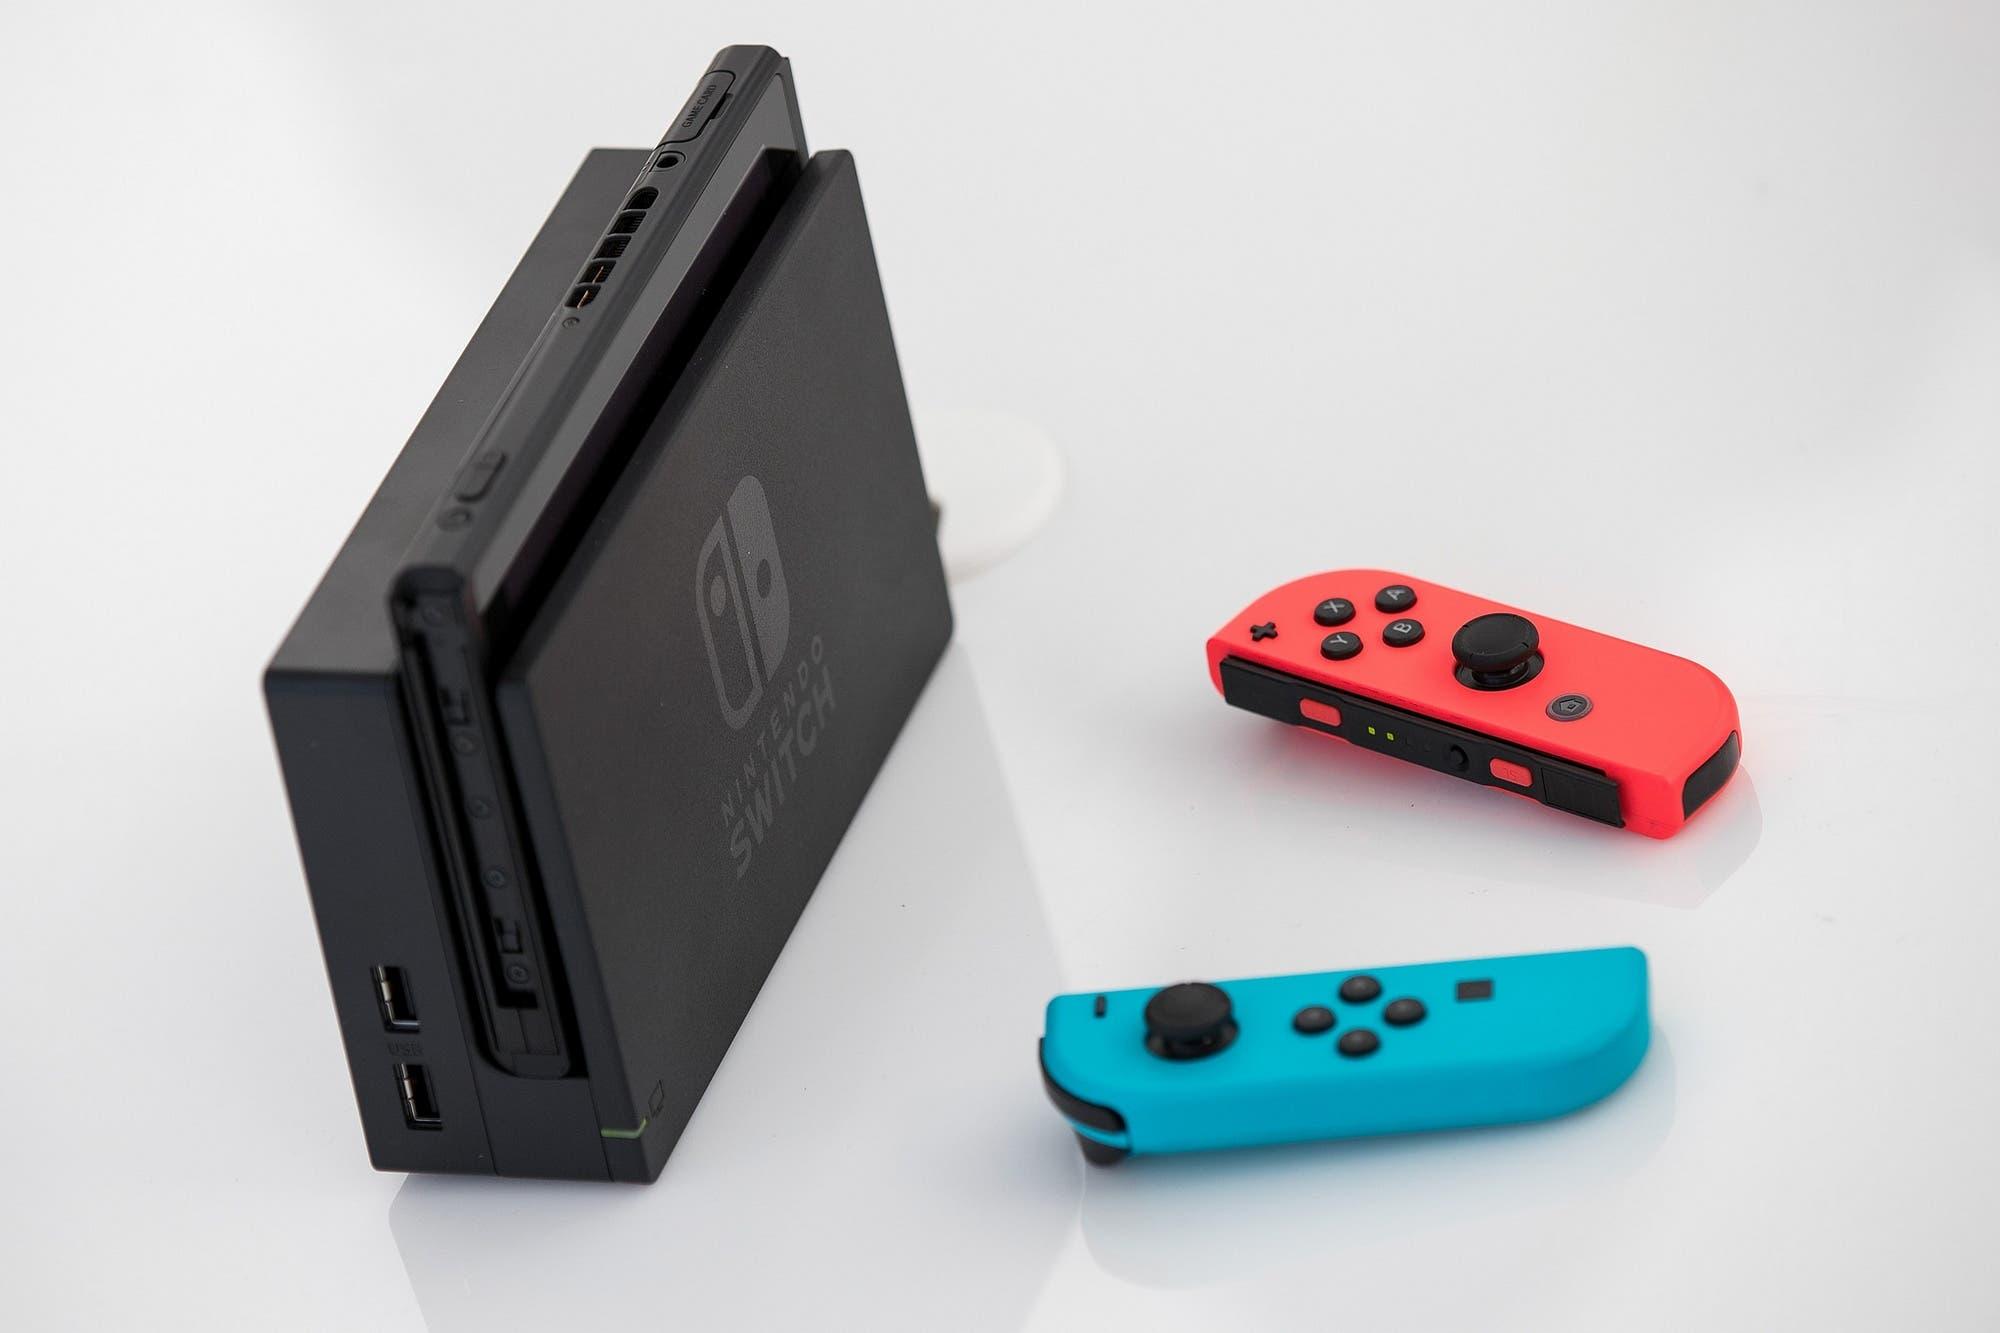 Nintendo recuerda a los usuarios de Switch que no introduzcan objetos extraños en la ranura para tarjetas de la consola